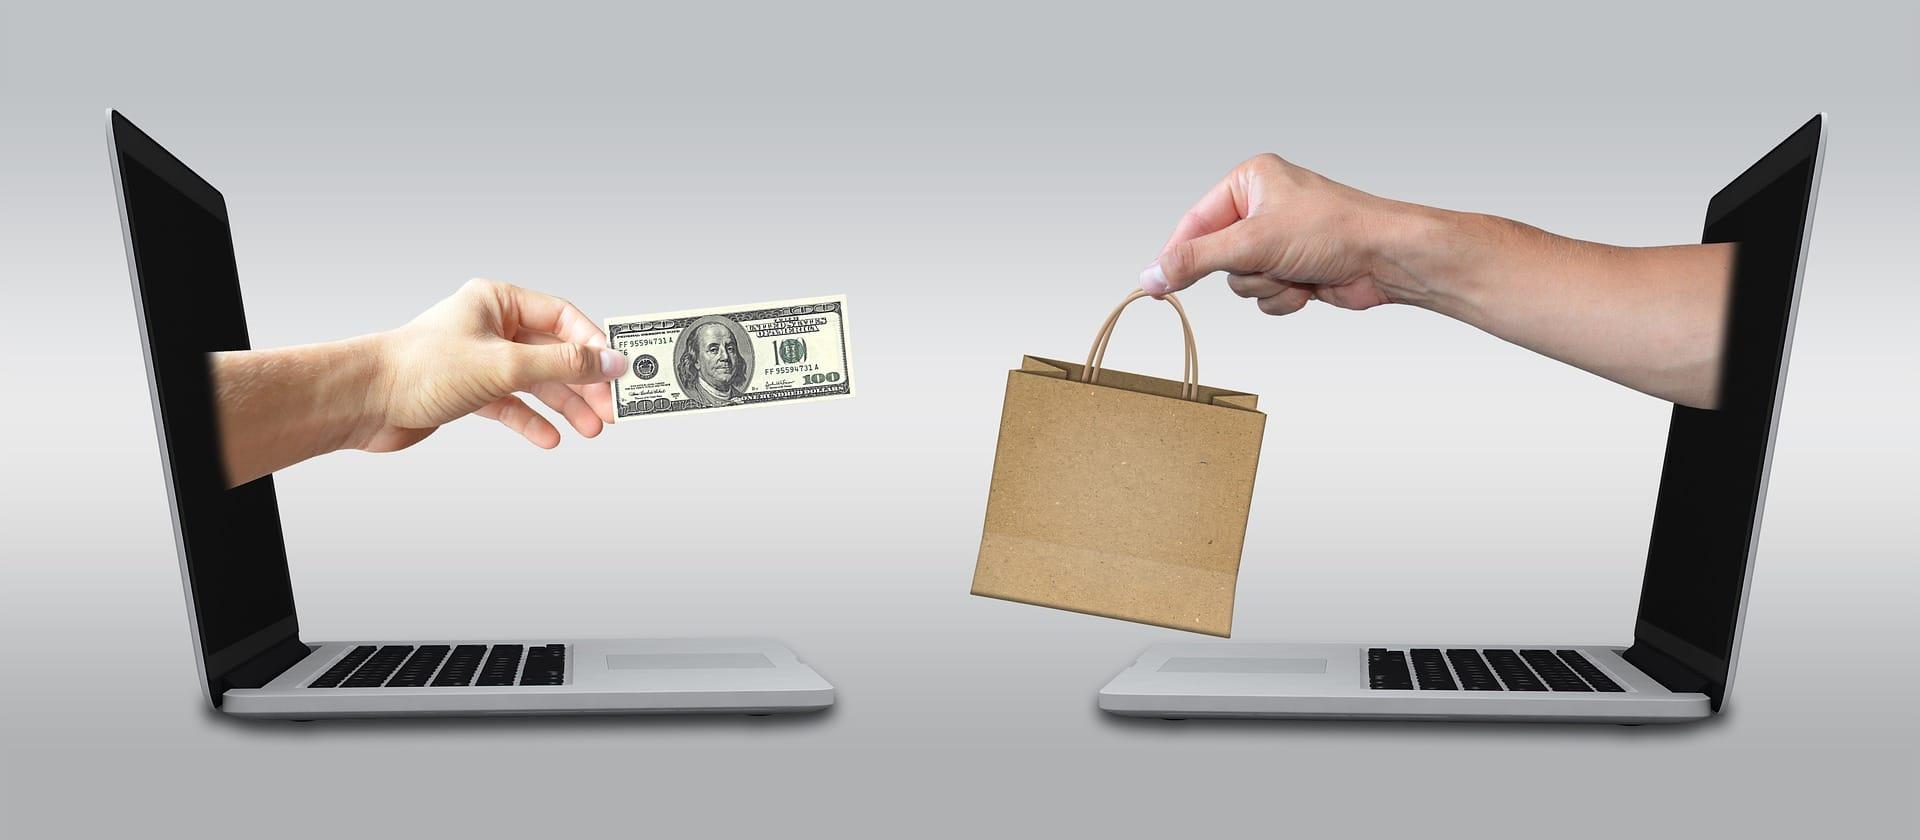 advcash, e-wallet, arbeiten von zu hause, forex, investment, mlm, network marketing, online geld verdienen, rendite, schnell geld verdienen, trading